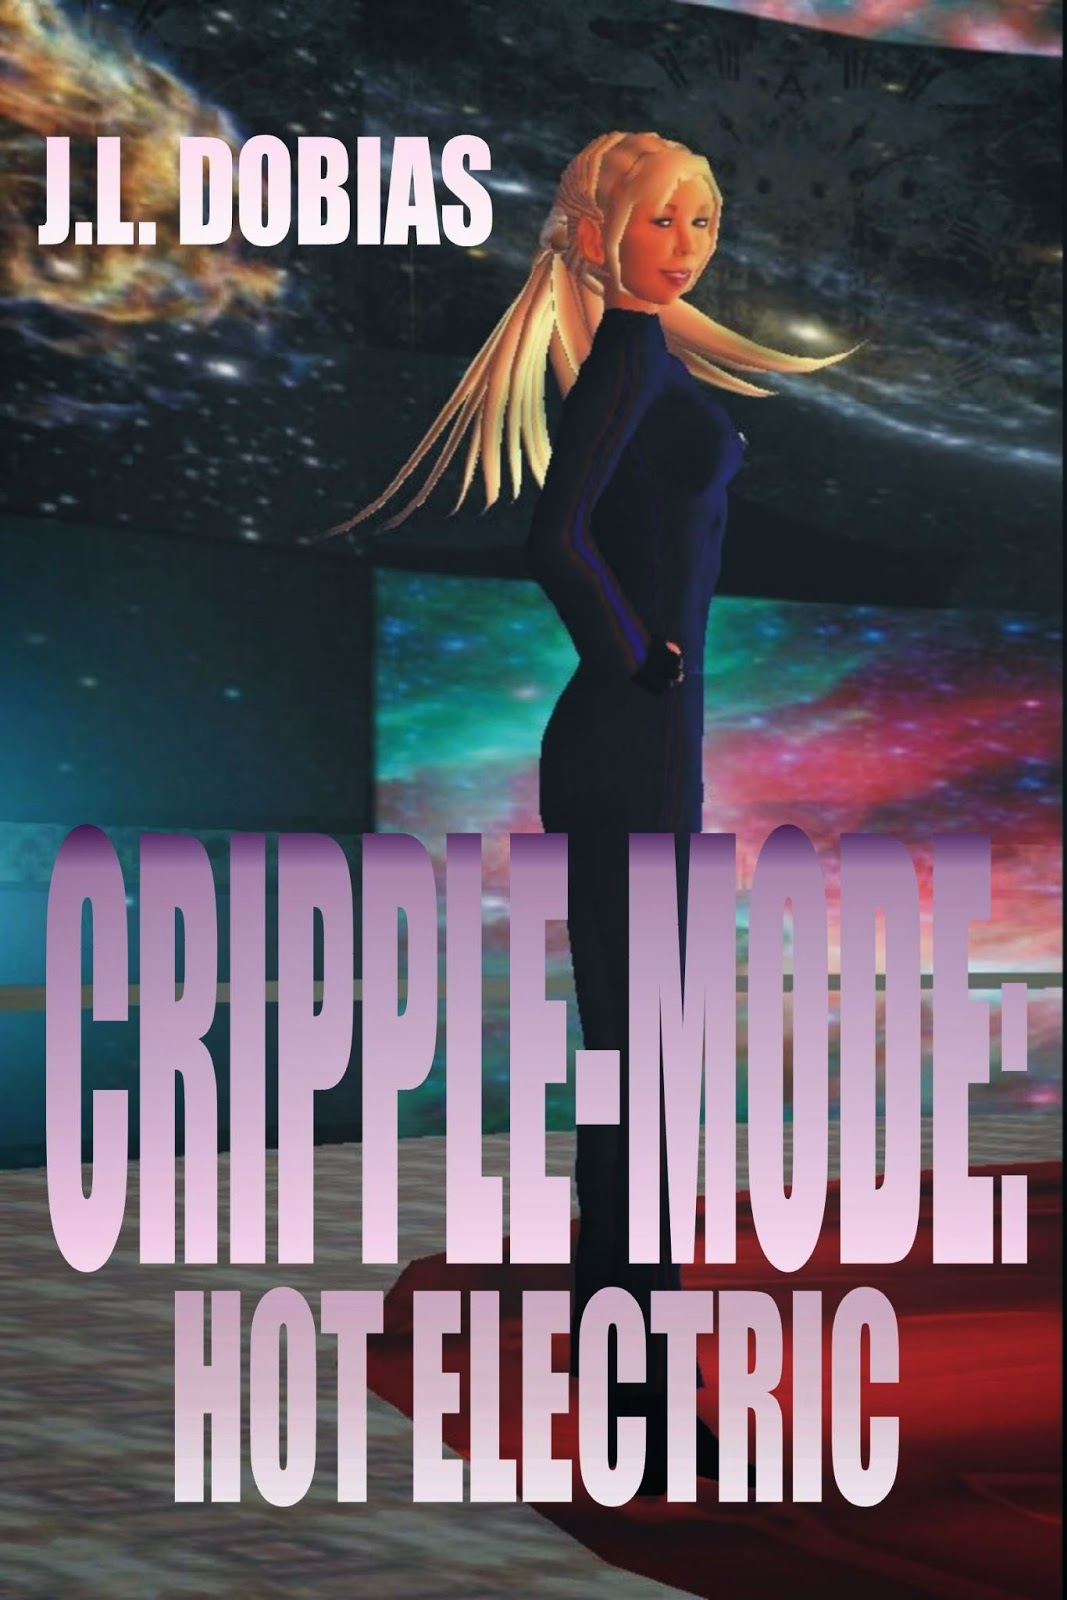 http://cripple-mode.ucoz.com/